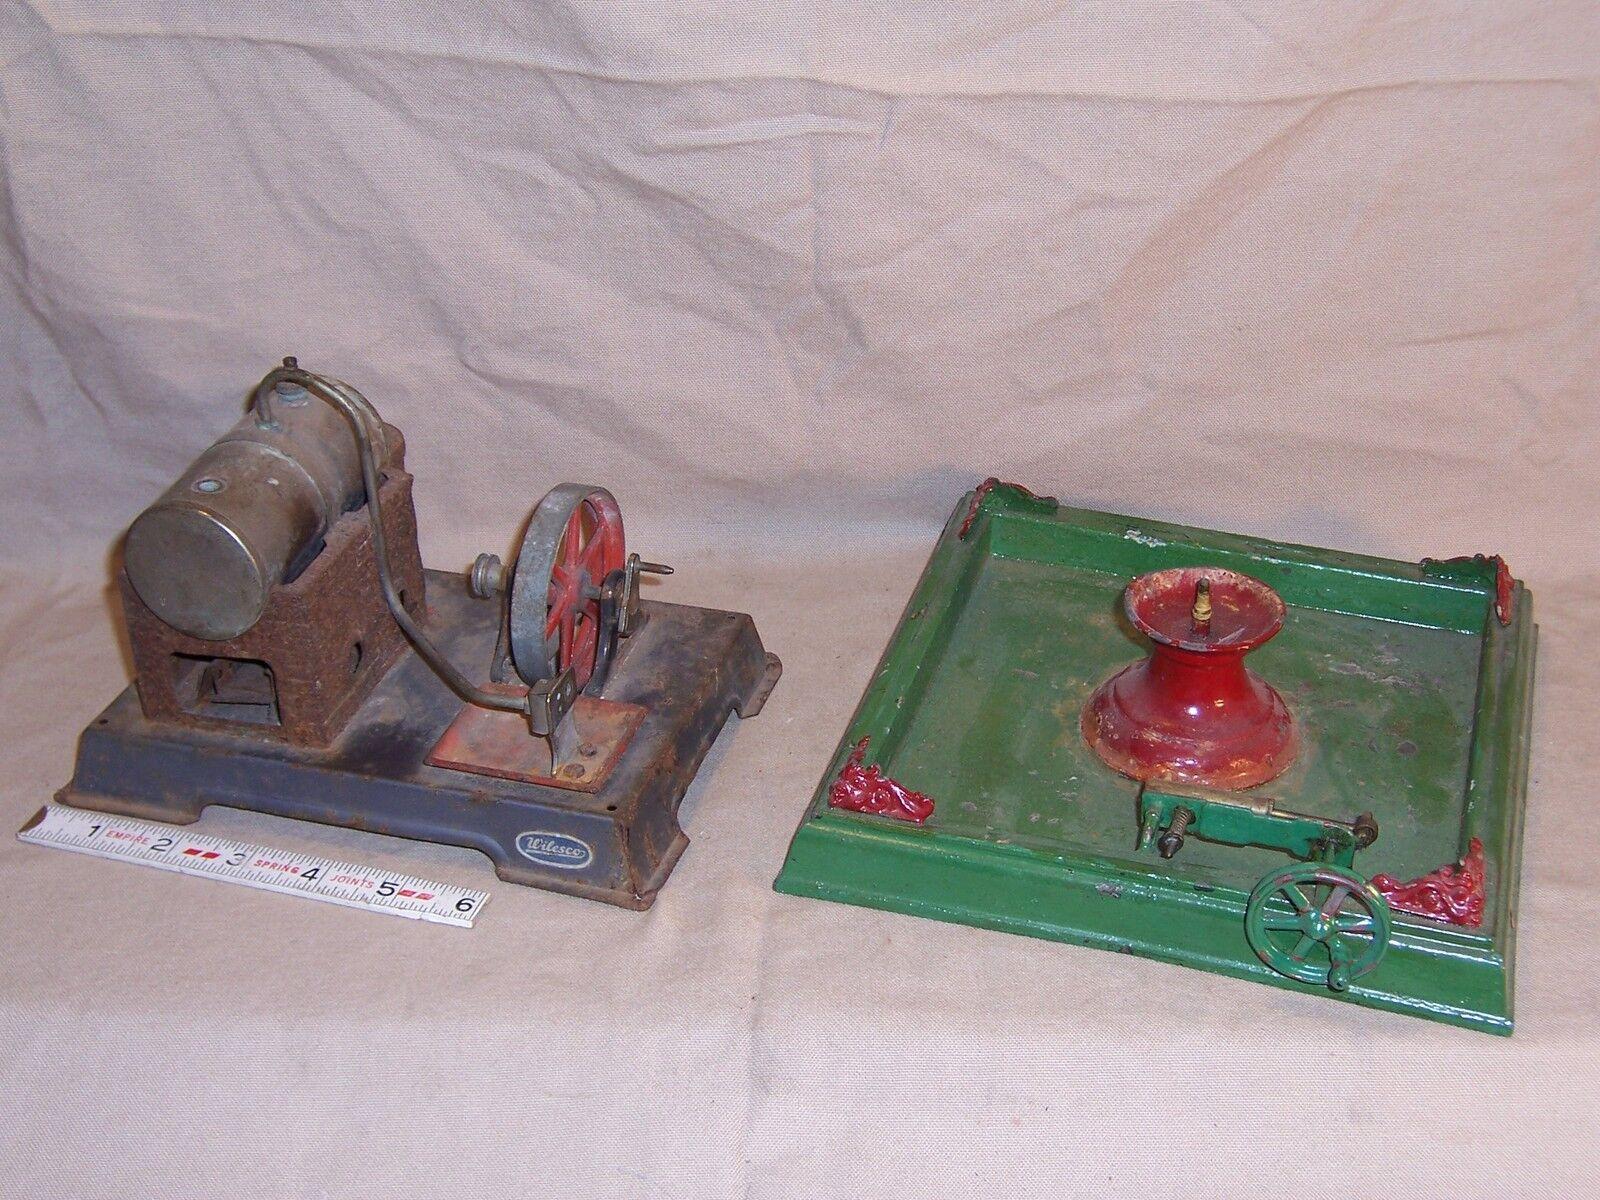 Antiguo vapor vivo juguete de estaño fuente de agua bomba Y Motor De Vapor Vintage